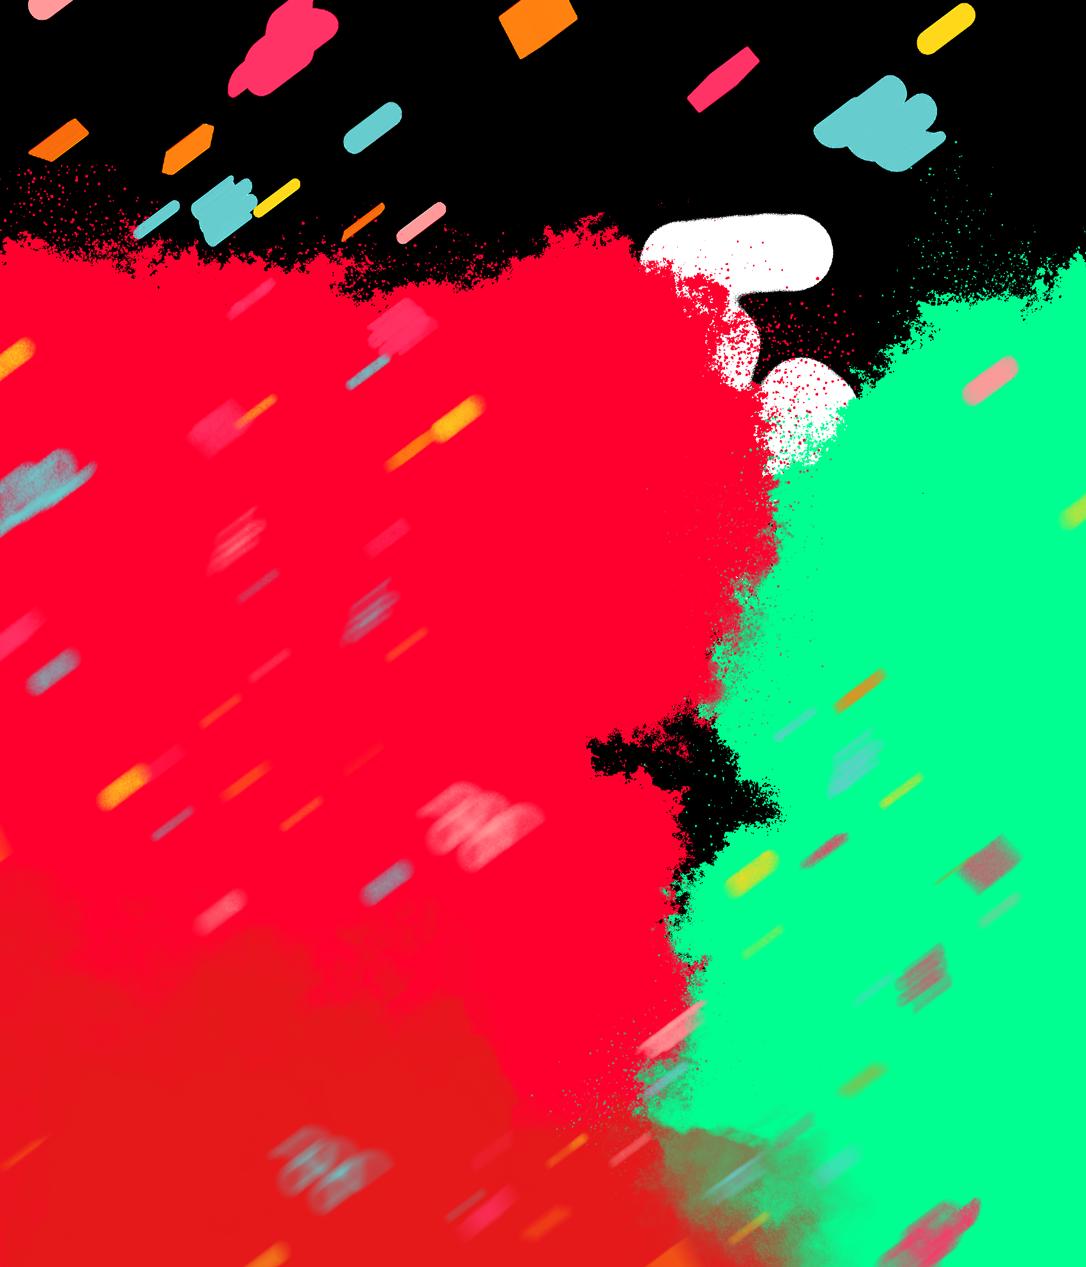 Color Splash Png Images Download Free Download In 2020 Holi Colors Holi Colours Images Splash Images